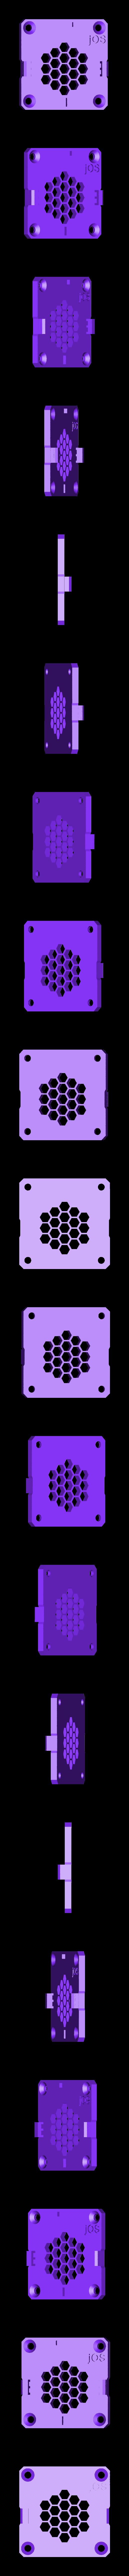 speaker_holder_support_v4.stl Télécharger fichier STL gratuit Support de haut-parleur Dell • Modèle pour imprimante 3D, marigu